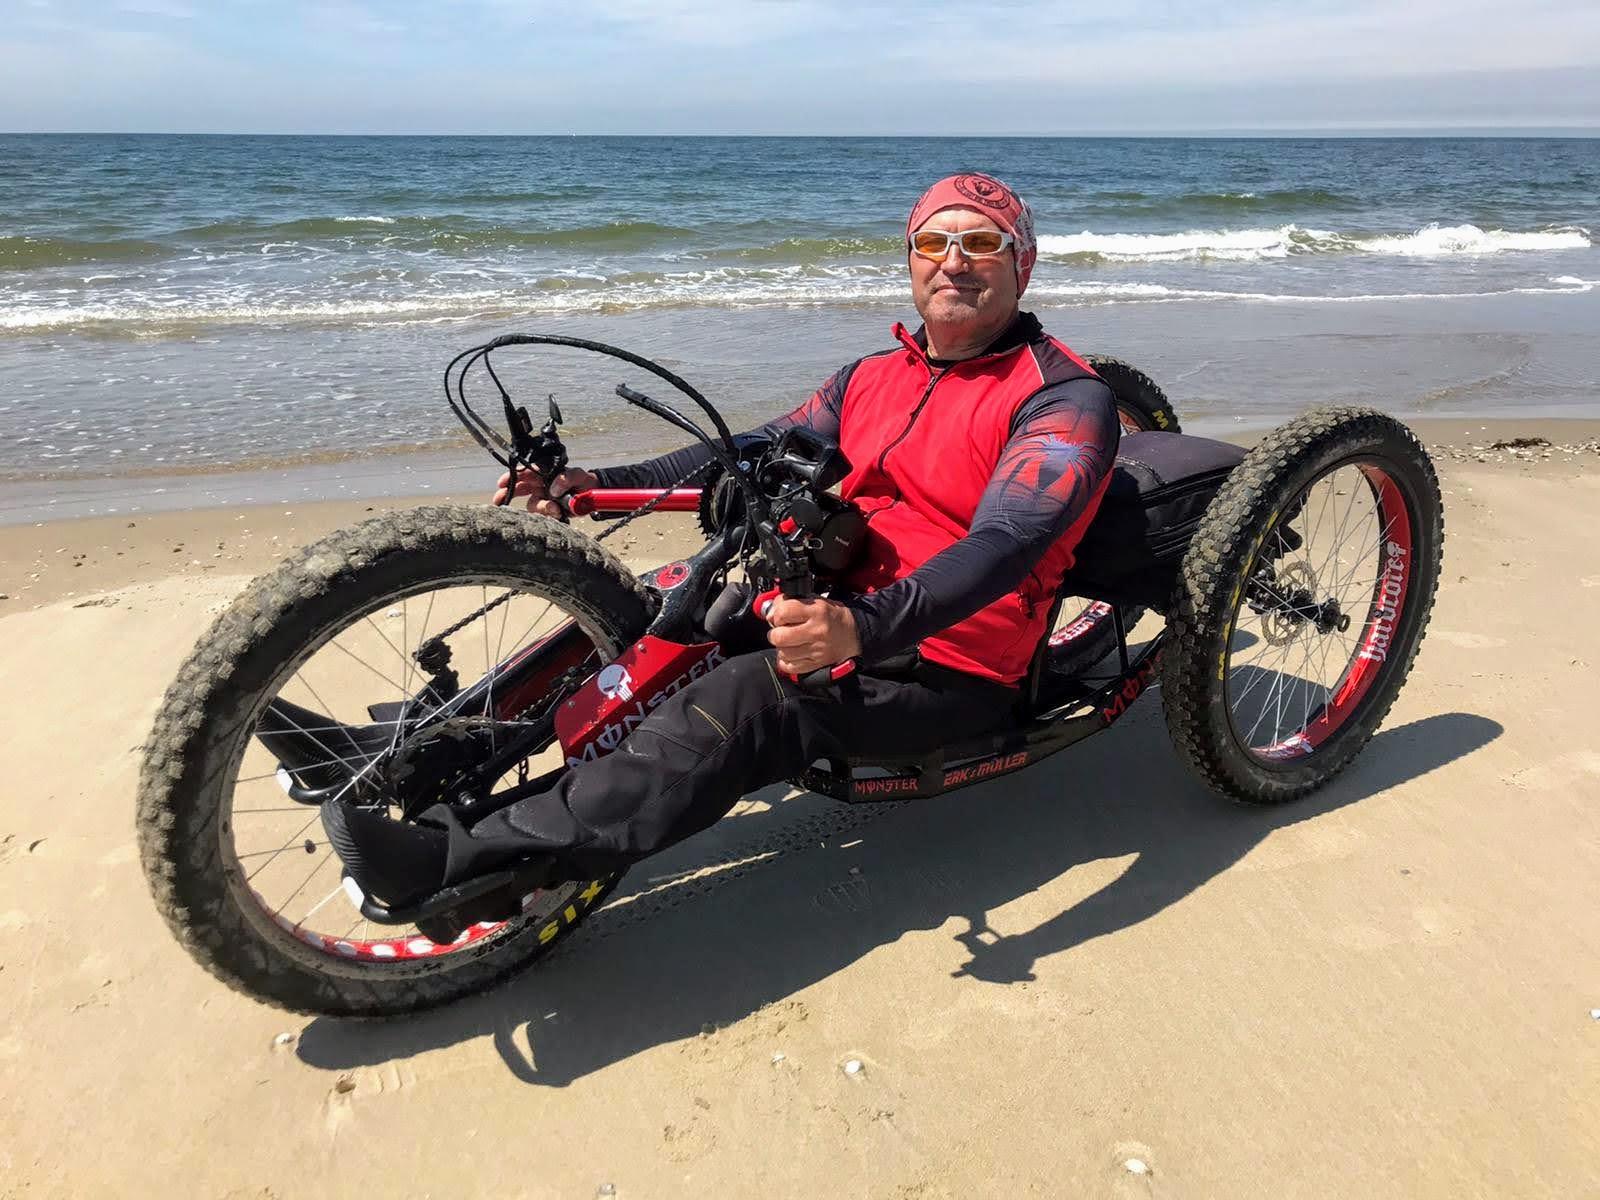 Handbiker at the Beach